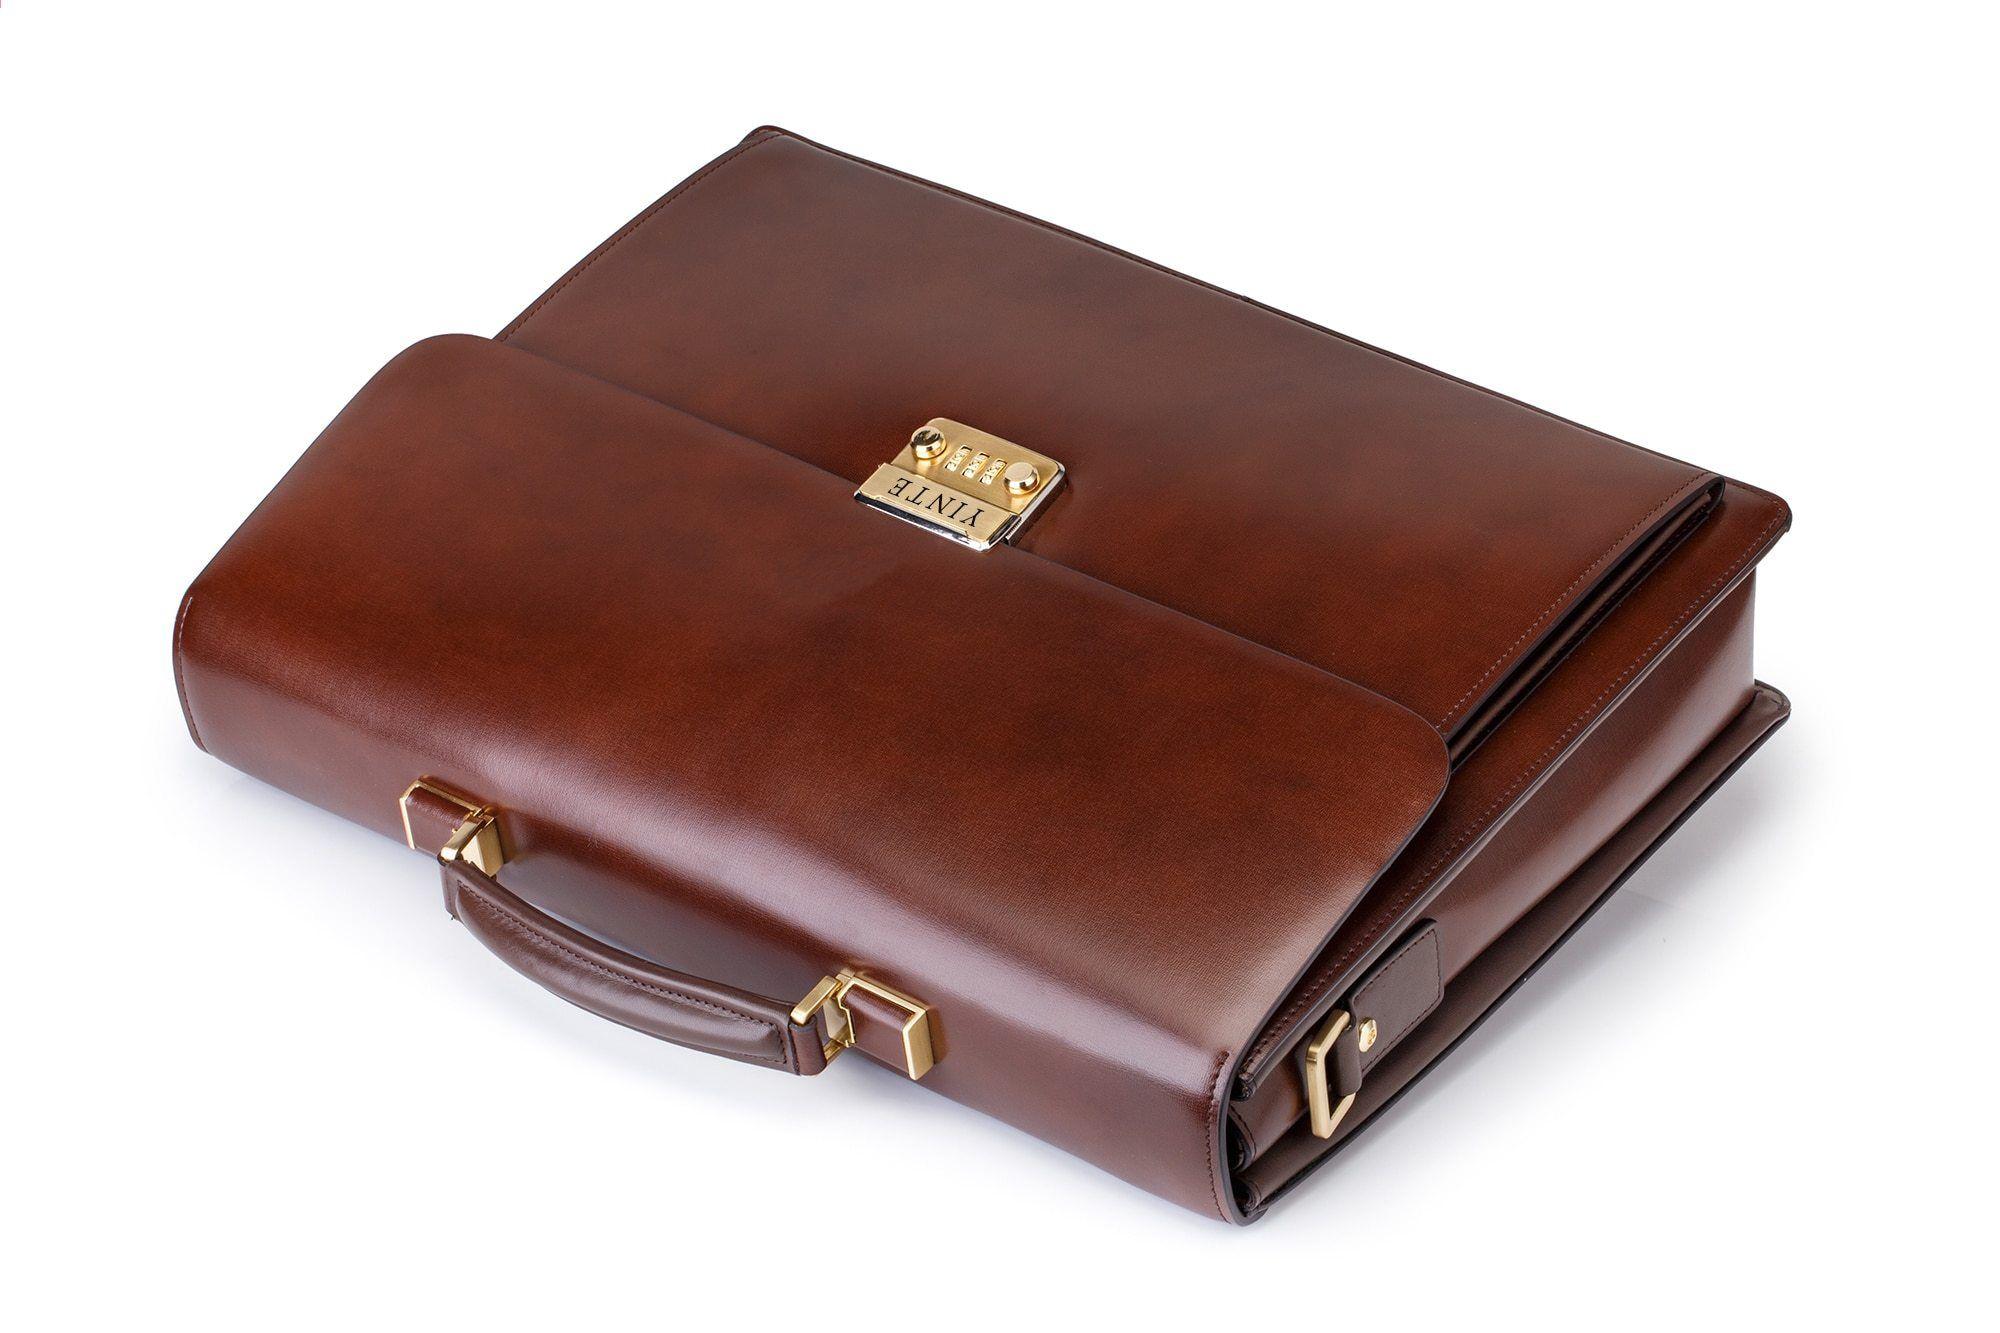 Högkvalitativ känd märke Mäns portfölj äkta läder bärbar dator väska  advokat handväska dokument kontorsmäns portfölj brun väska 14ae85abf6f69